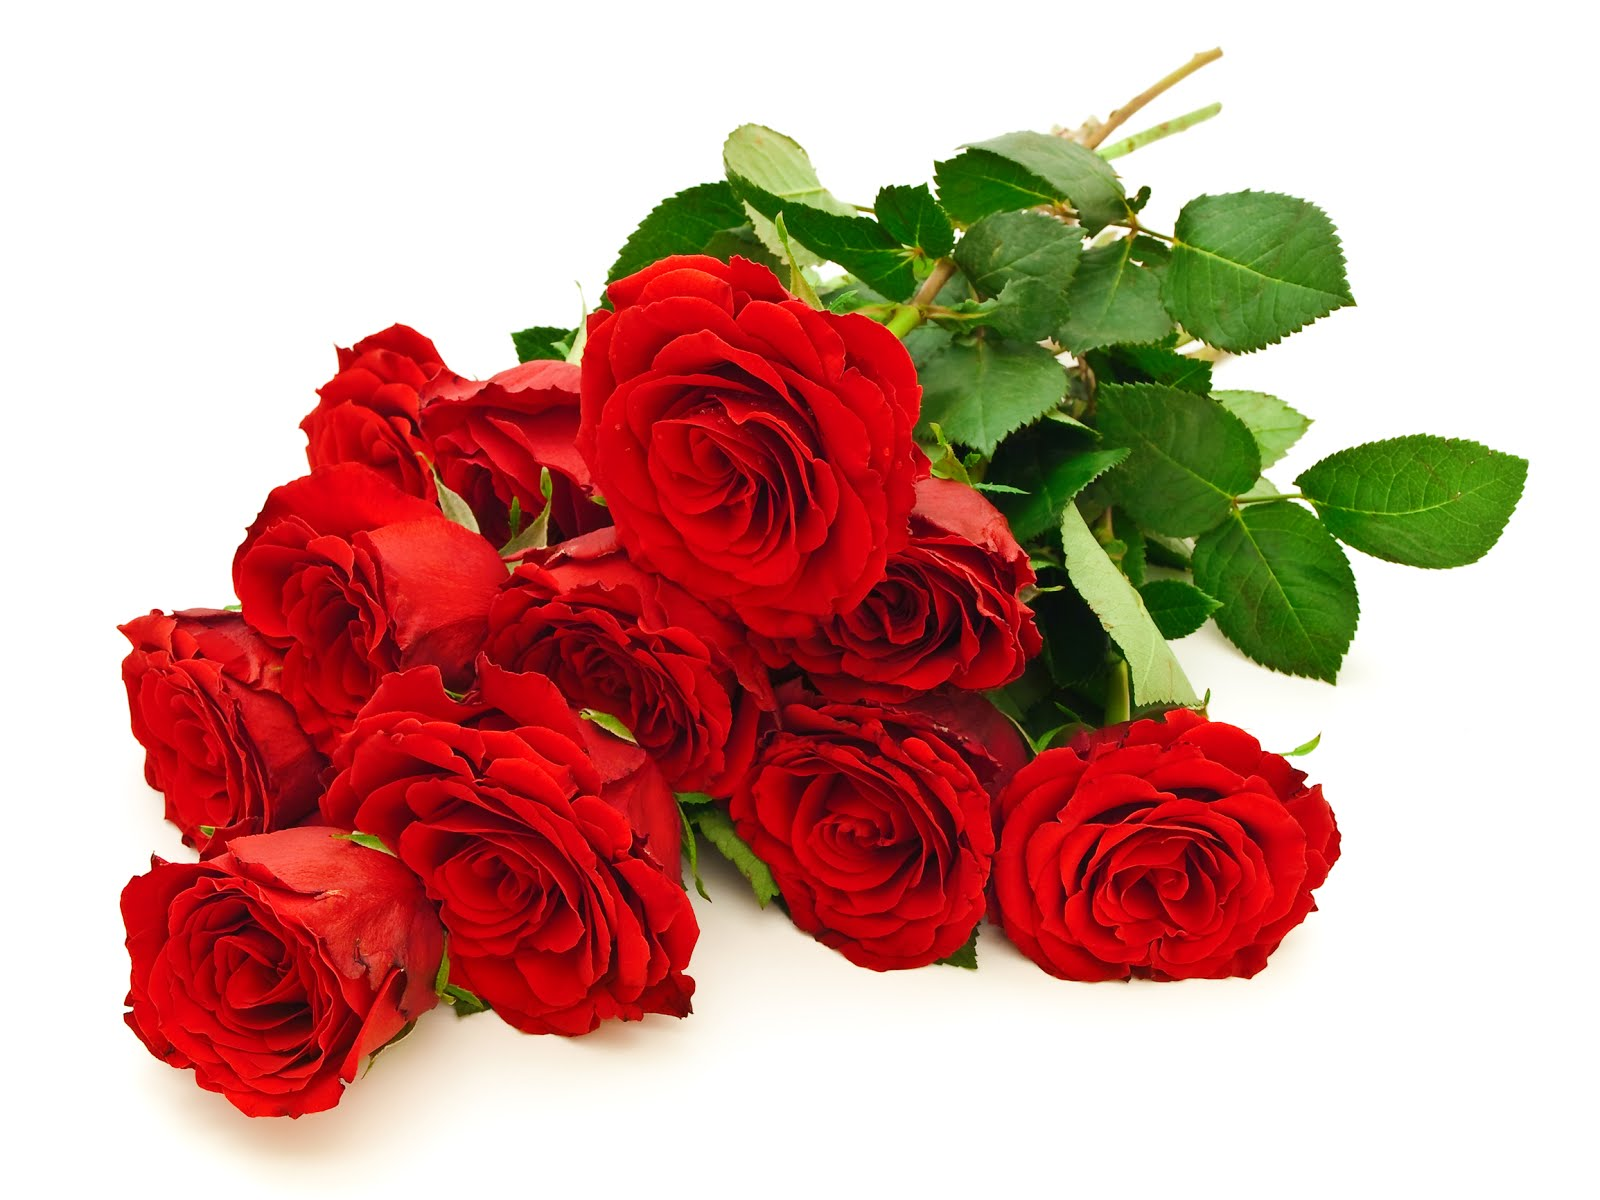 Imagenes De Ramos De Rosas Rojas Grandes - imagenes de rosas rojas con movimiento Mejores Imágenes